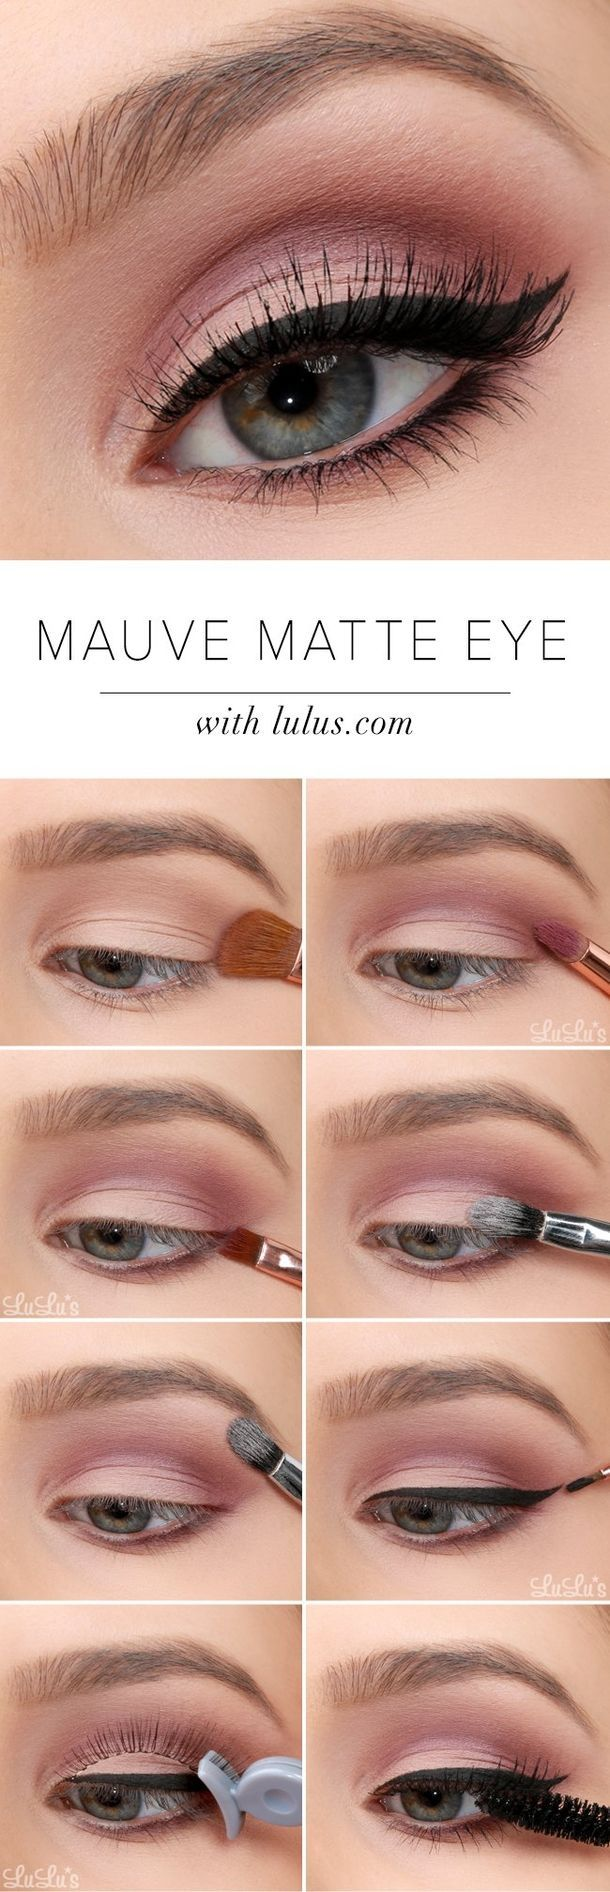 Möchtest du, dass dein Make-up so aussieht wie alle Profis, die du im Fernsehen siehst? – diy schminke